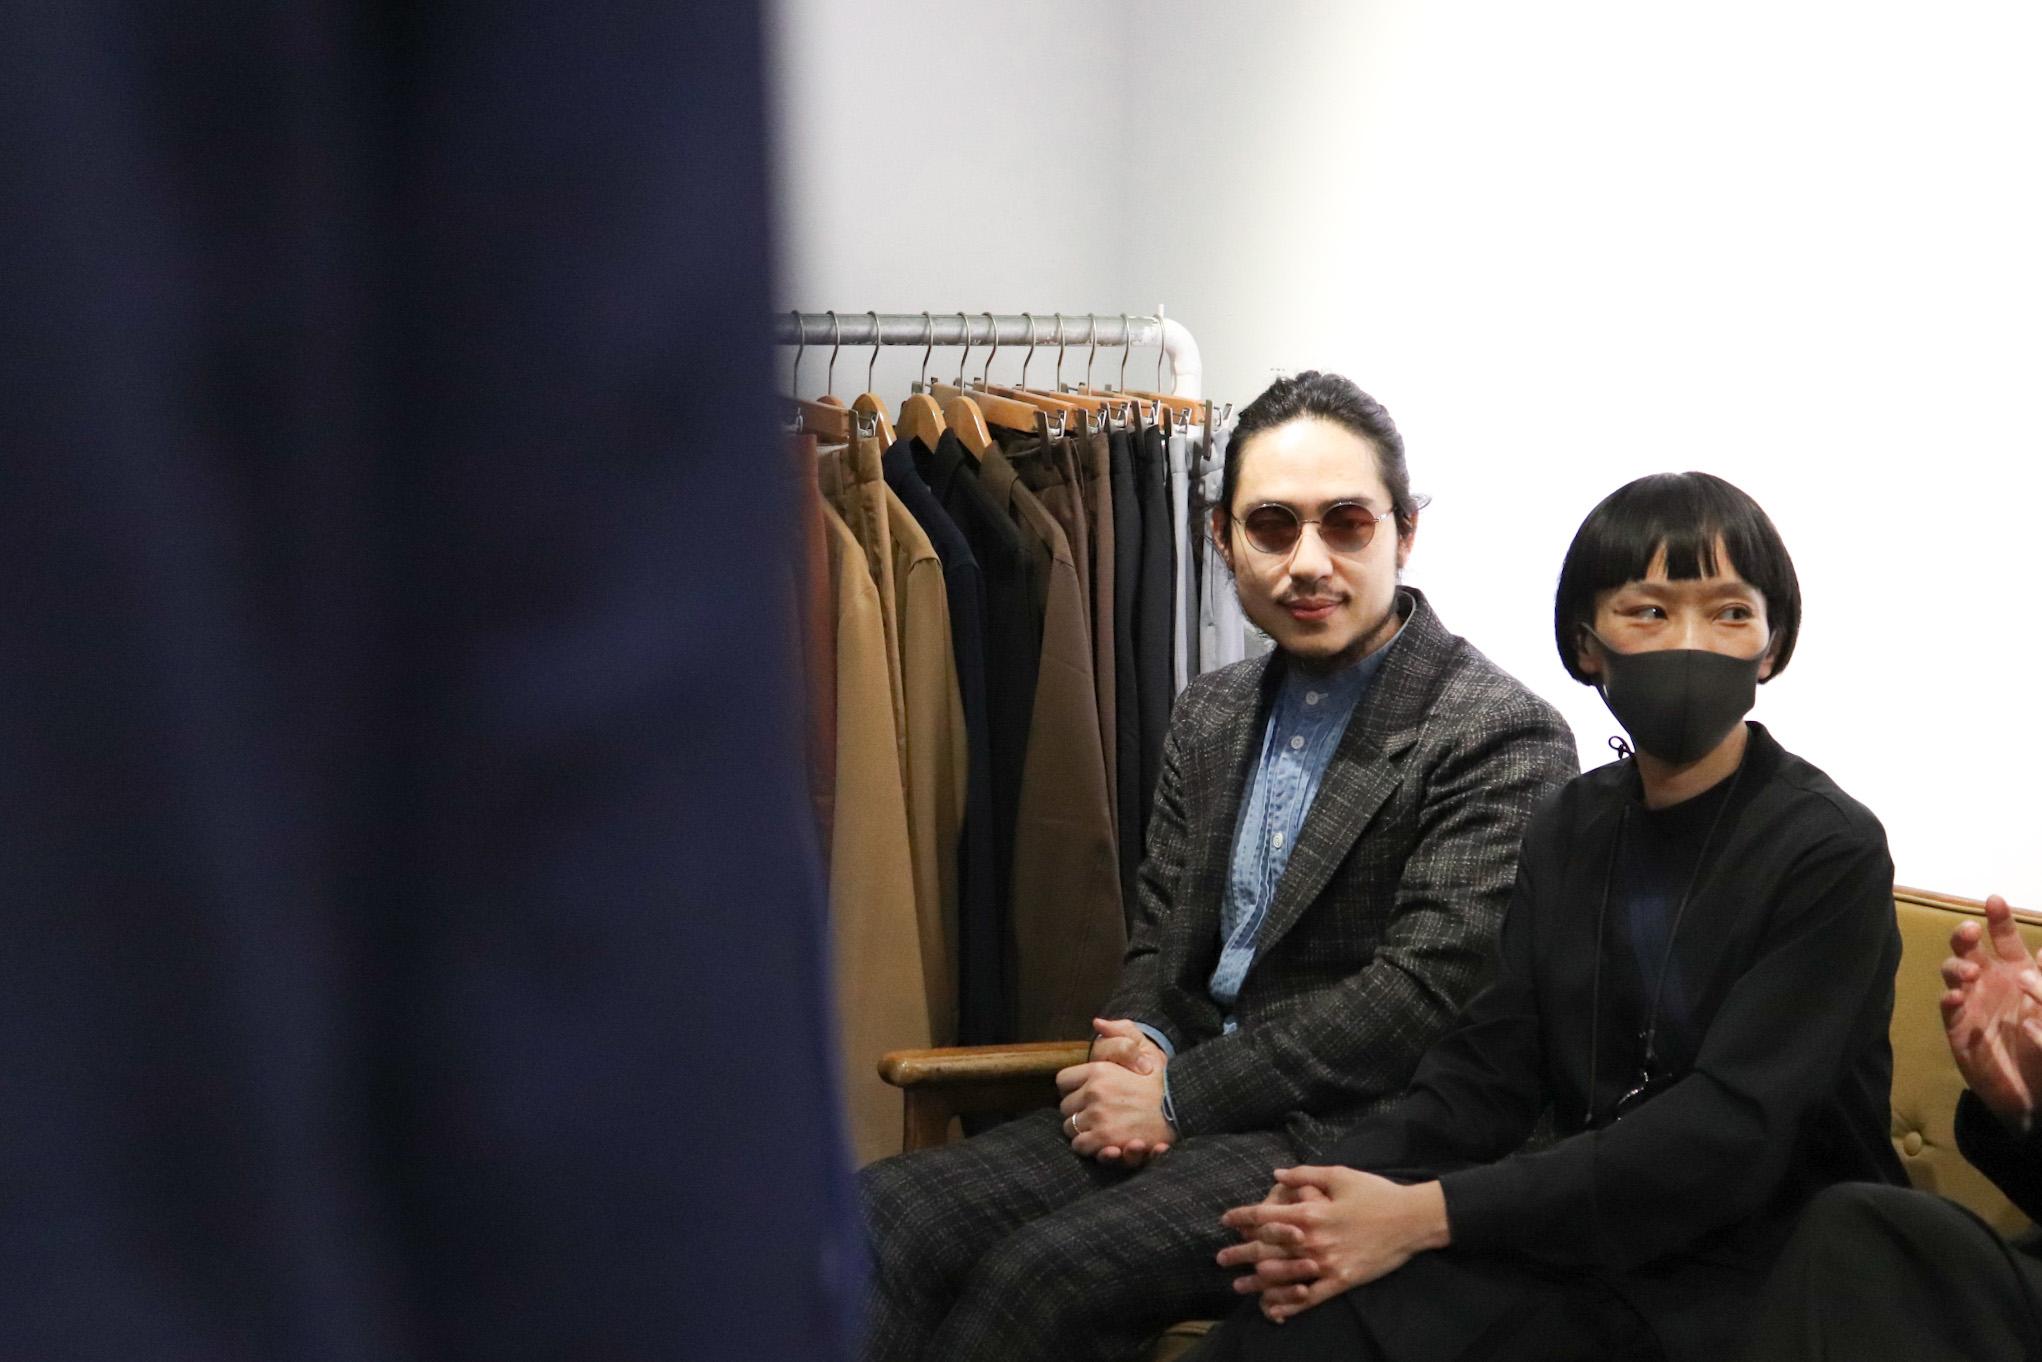 syndro,oqliq,台灣服裝,台灣服裝設計師,台灣服裝品牌,服裝設計品牌,oqliq 設計師,服裝設計師講座,台灣設計師講座